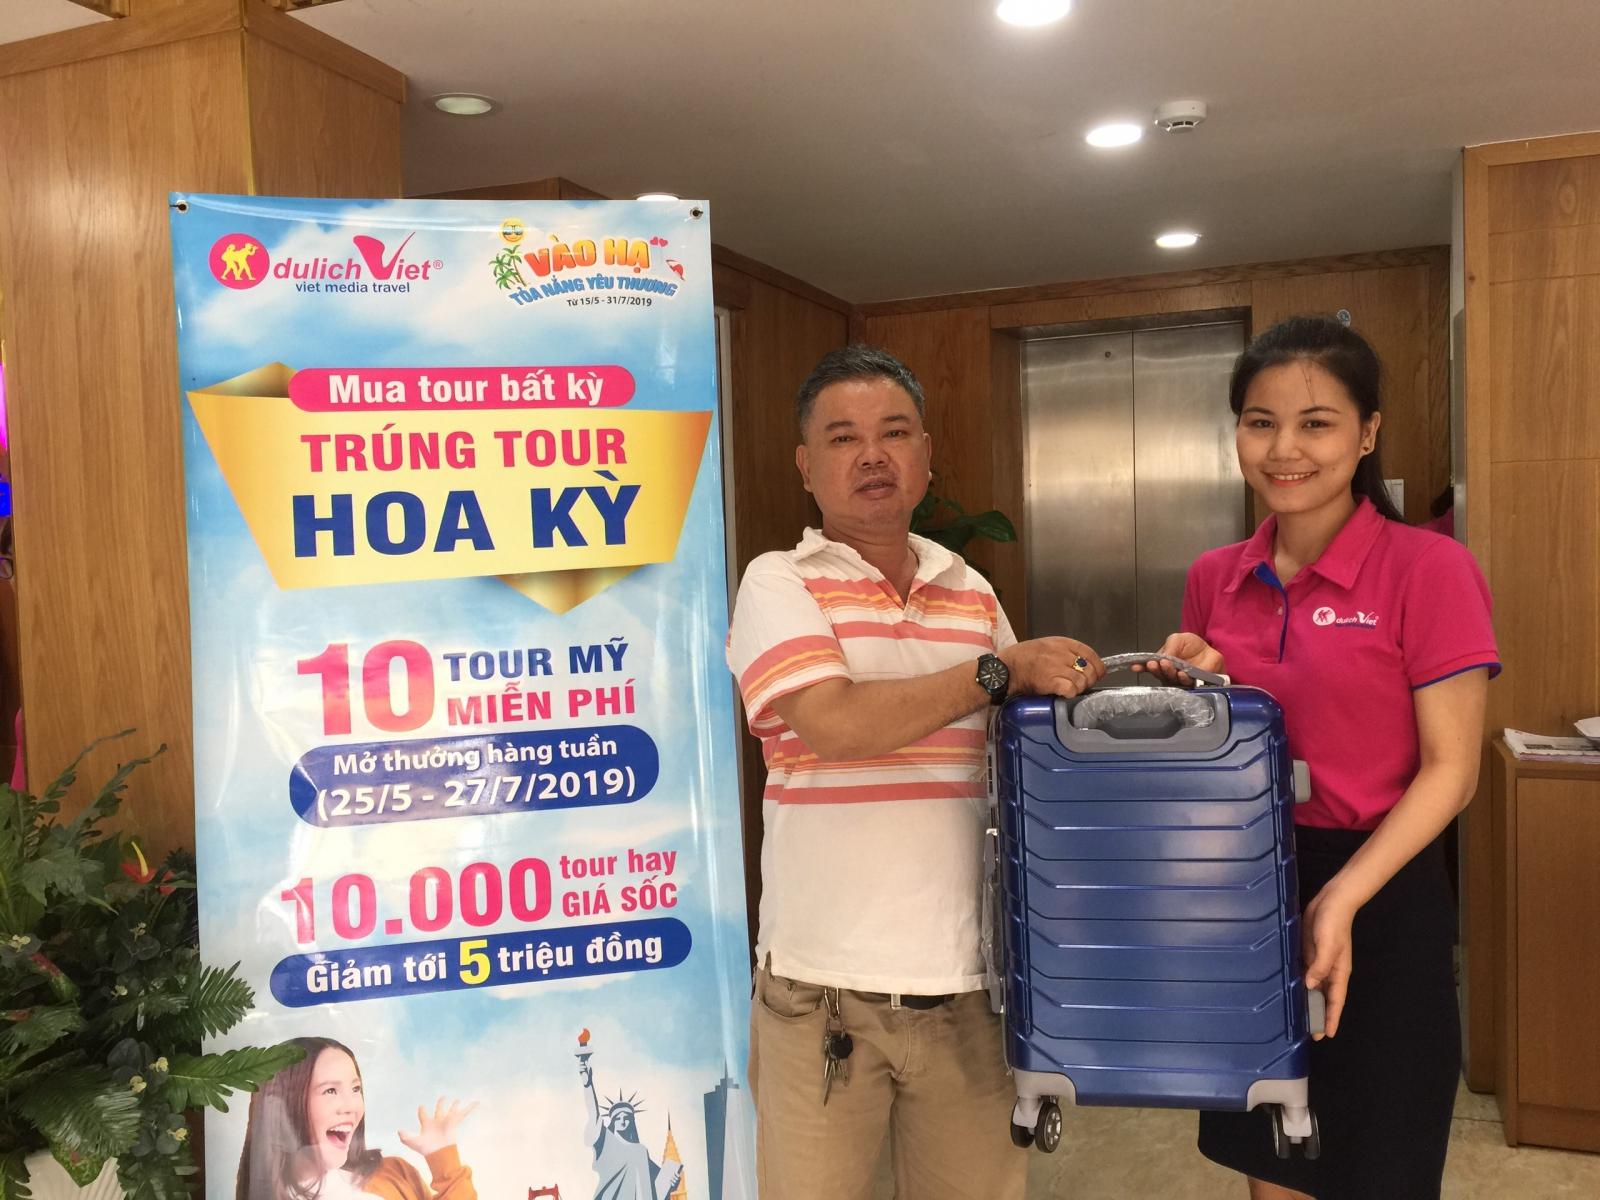 Tour Hoa kỳ tuần thứ III của Du Lịch Việt đã có chủ sở hữu